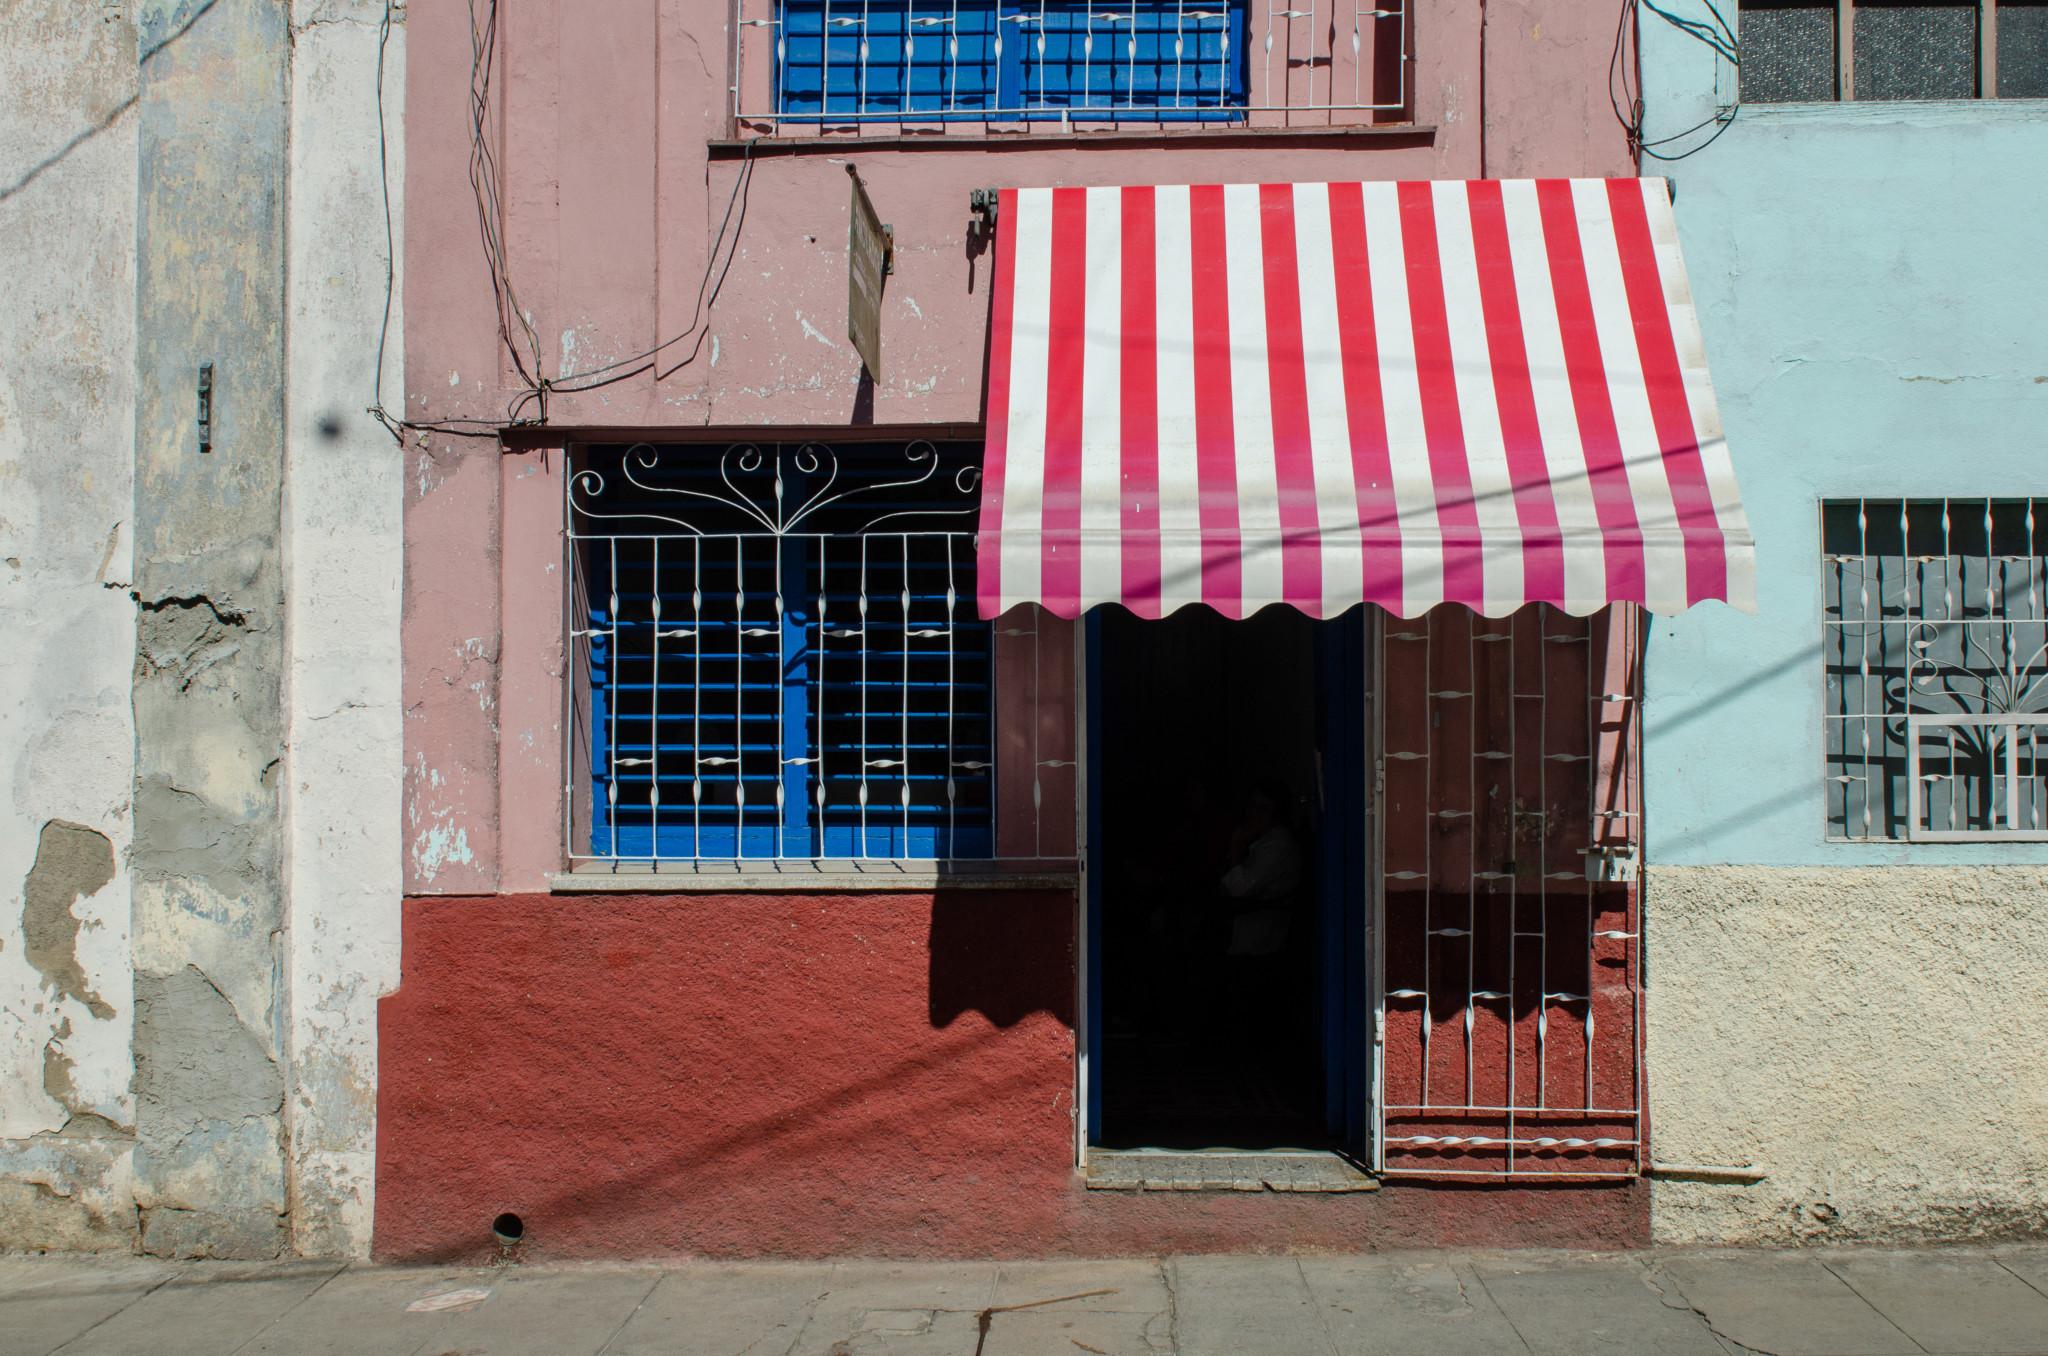 Typische Fassade in Kuba